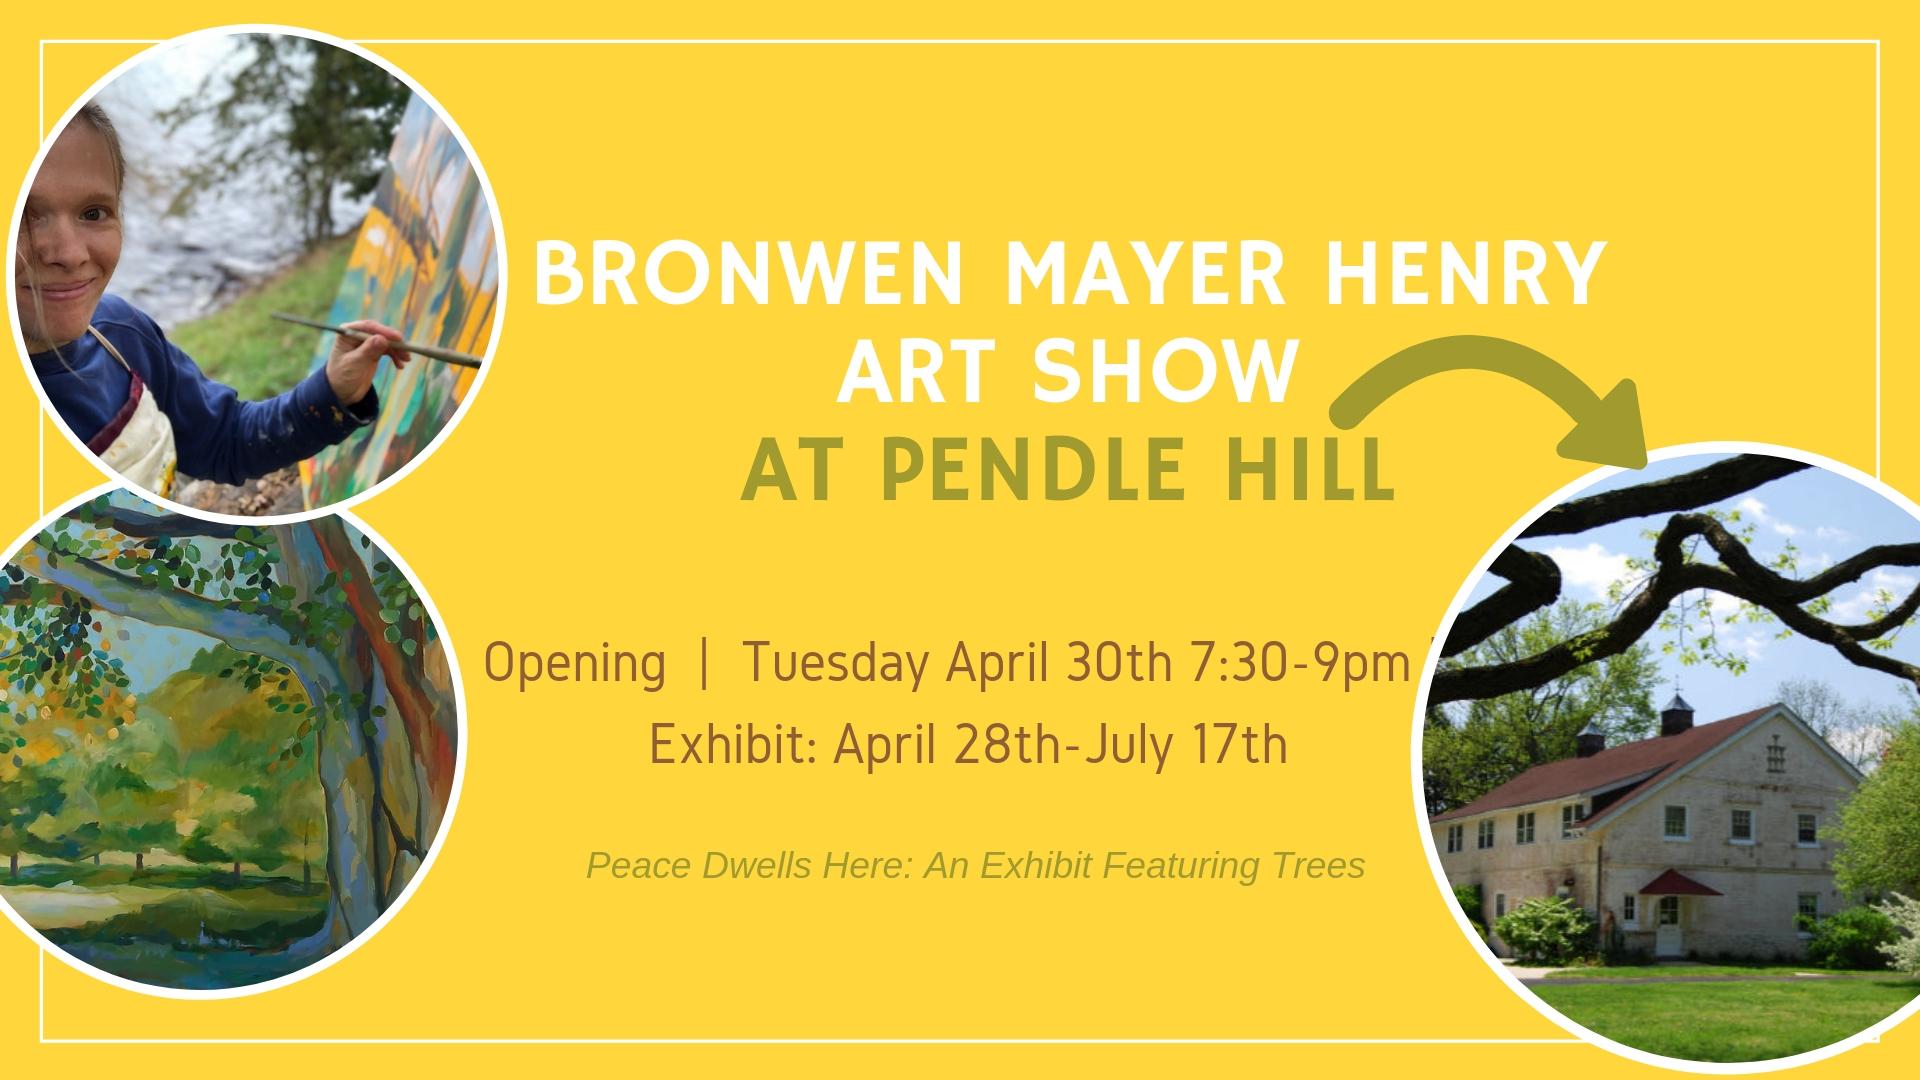 Bronwen Mayer Henry Art Show.jpg